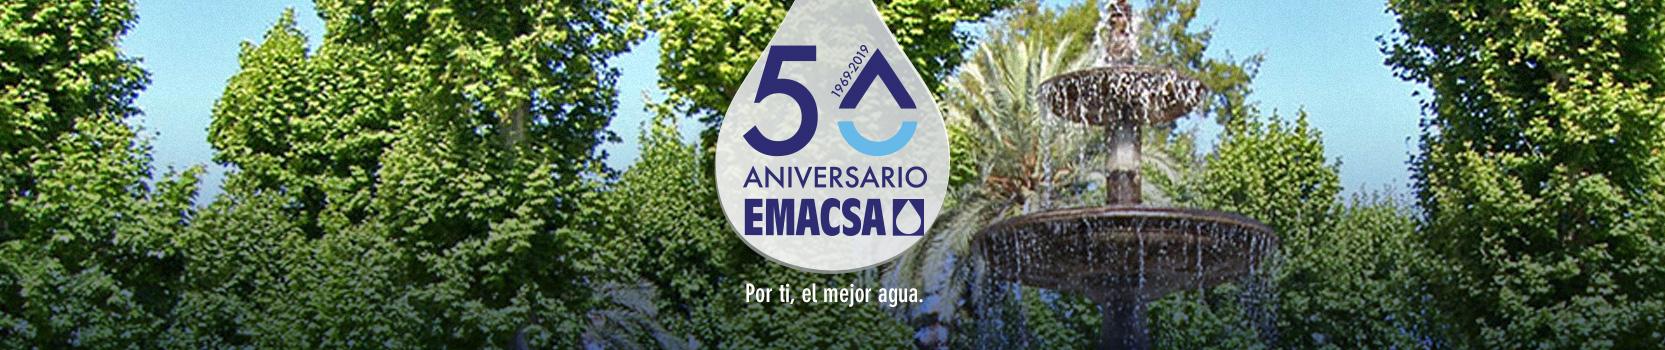 Portal de actividades organizadas por EMACSA